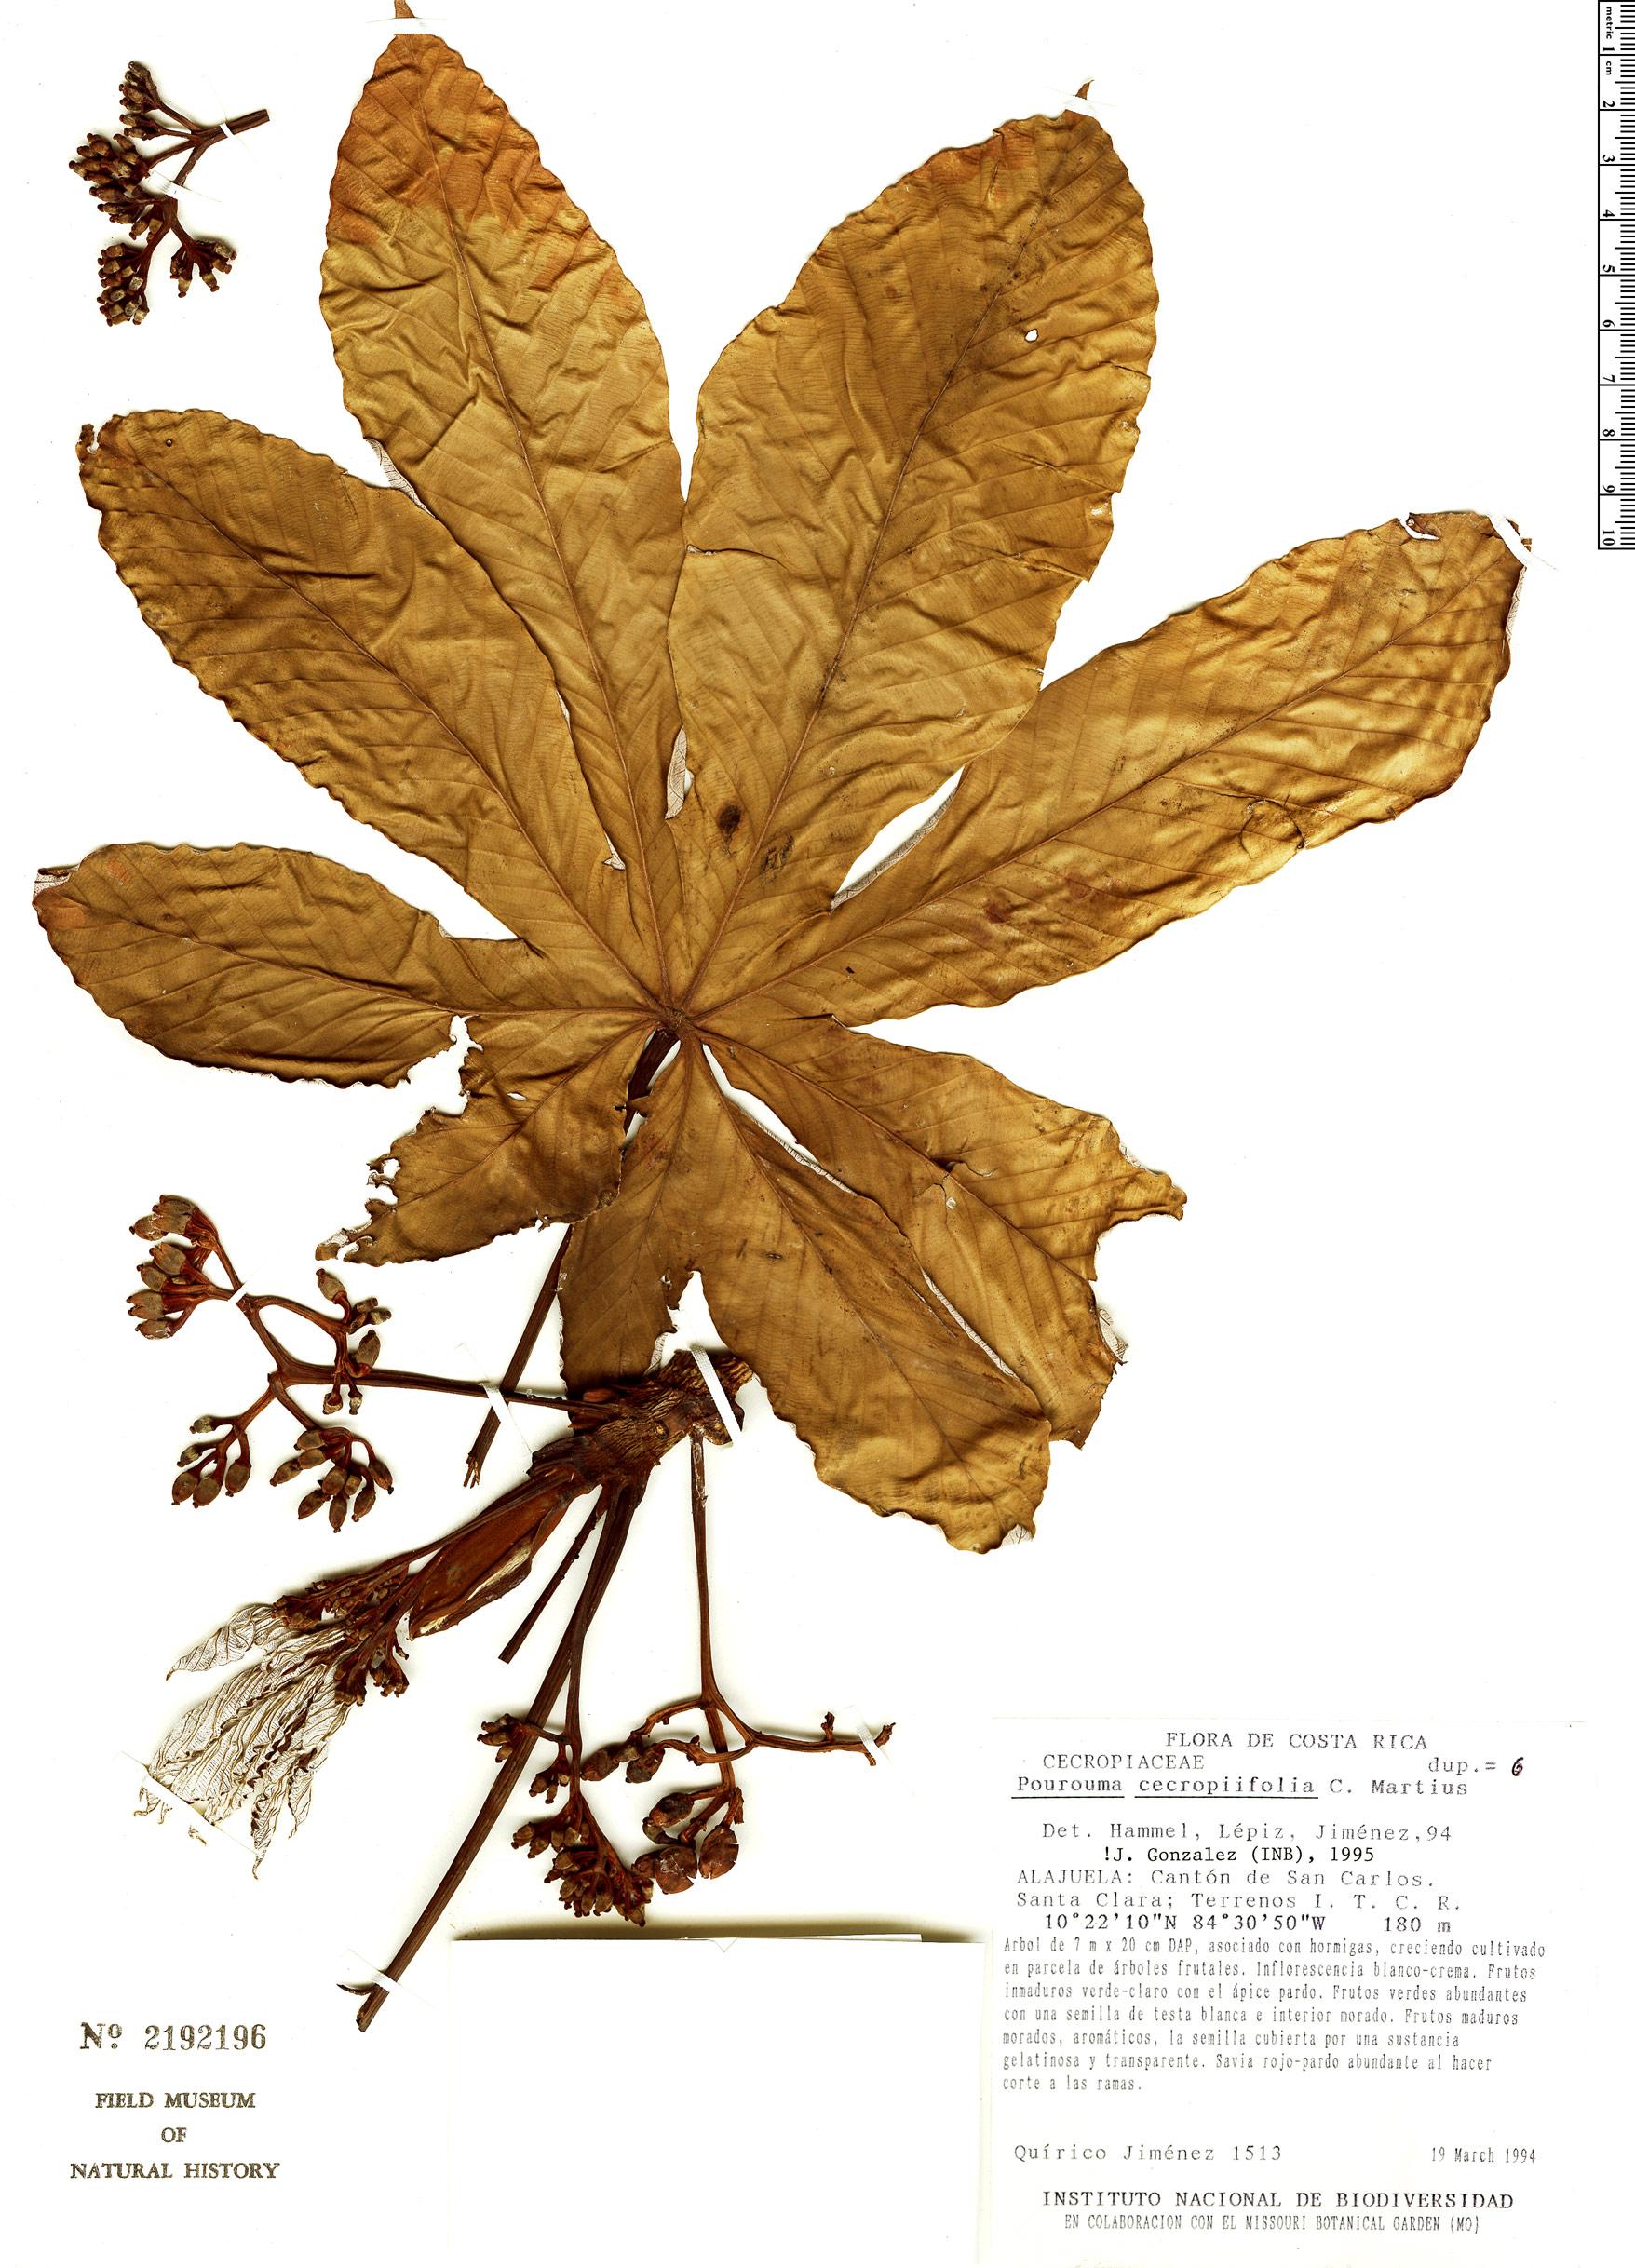 Specimen: Pourouma cecropiifolia